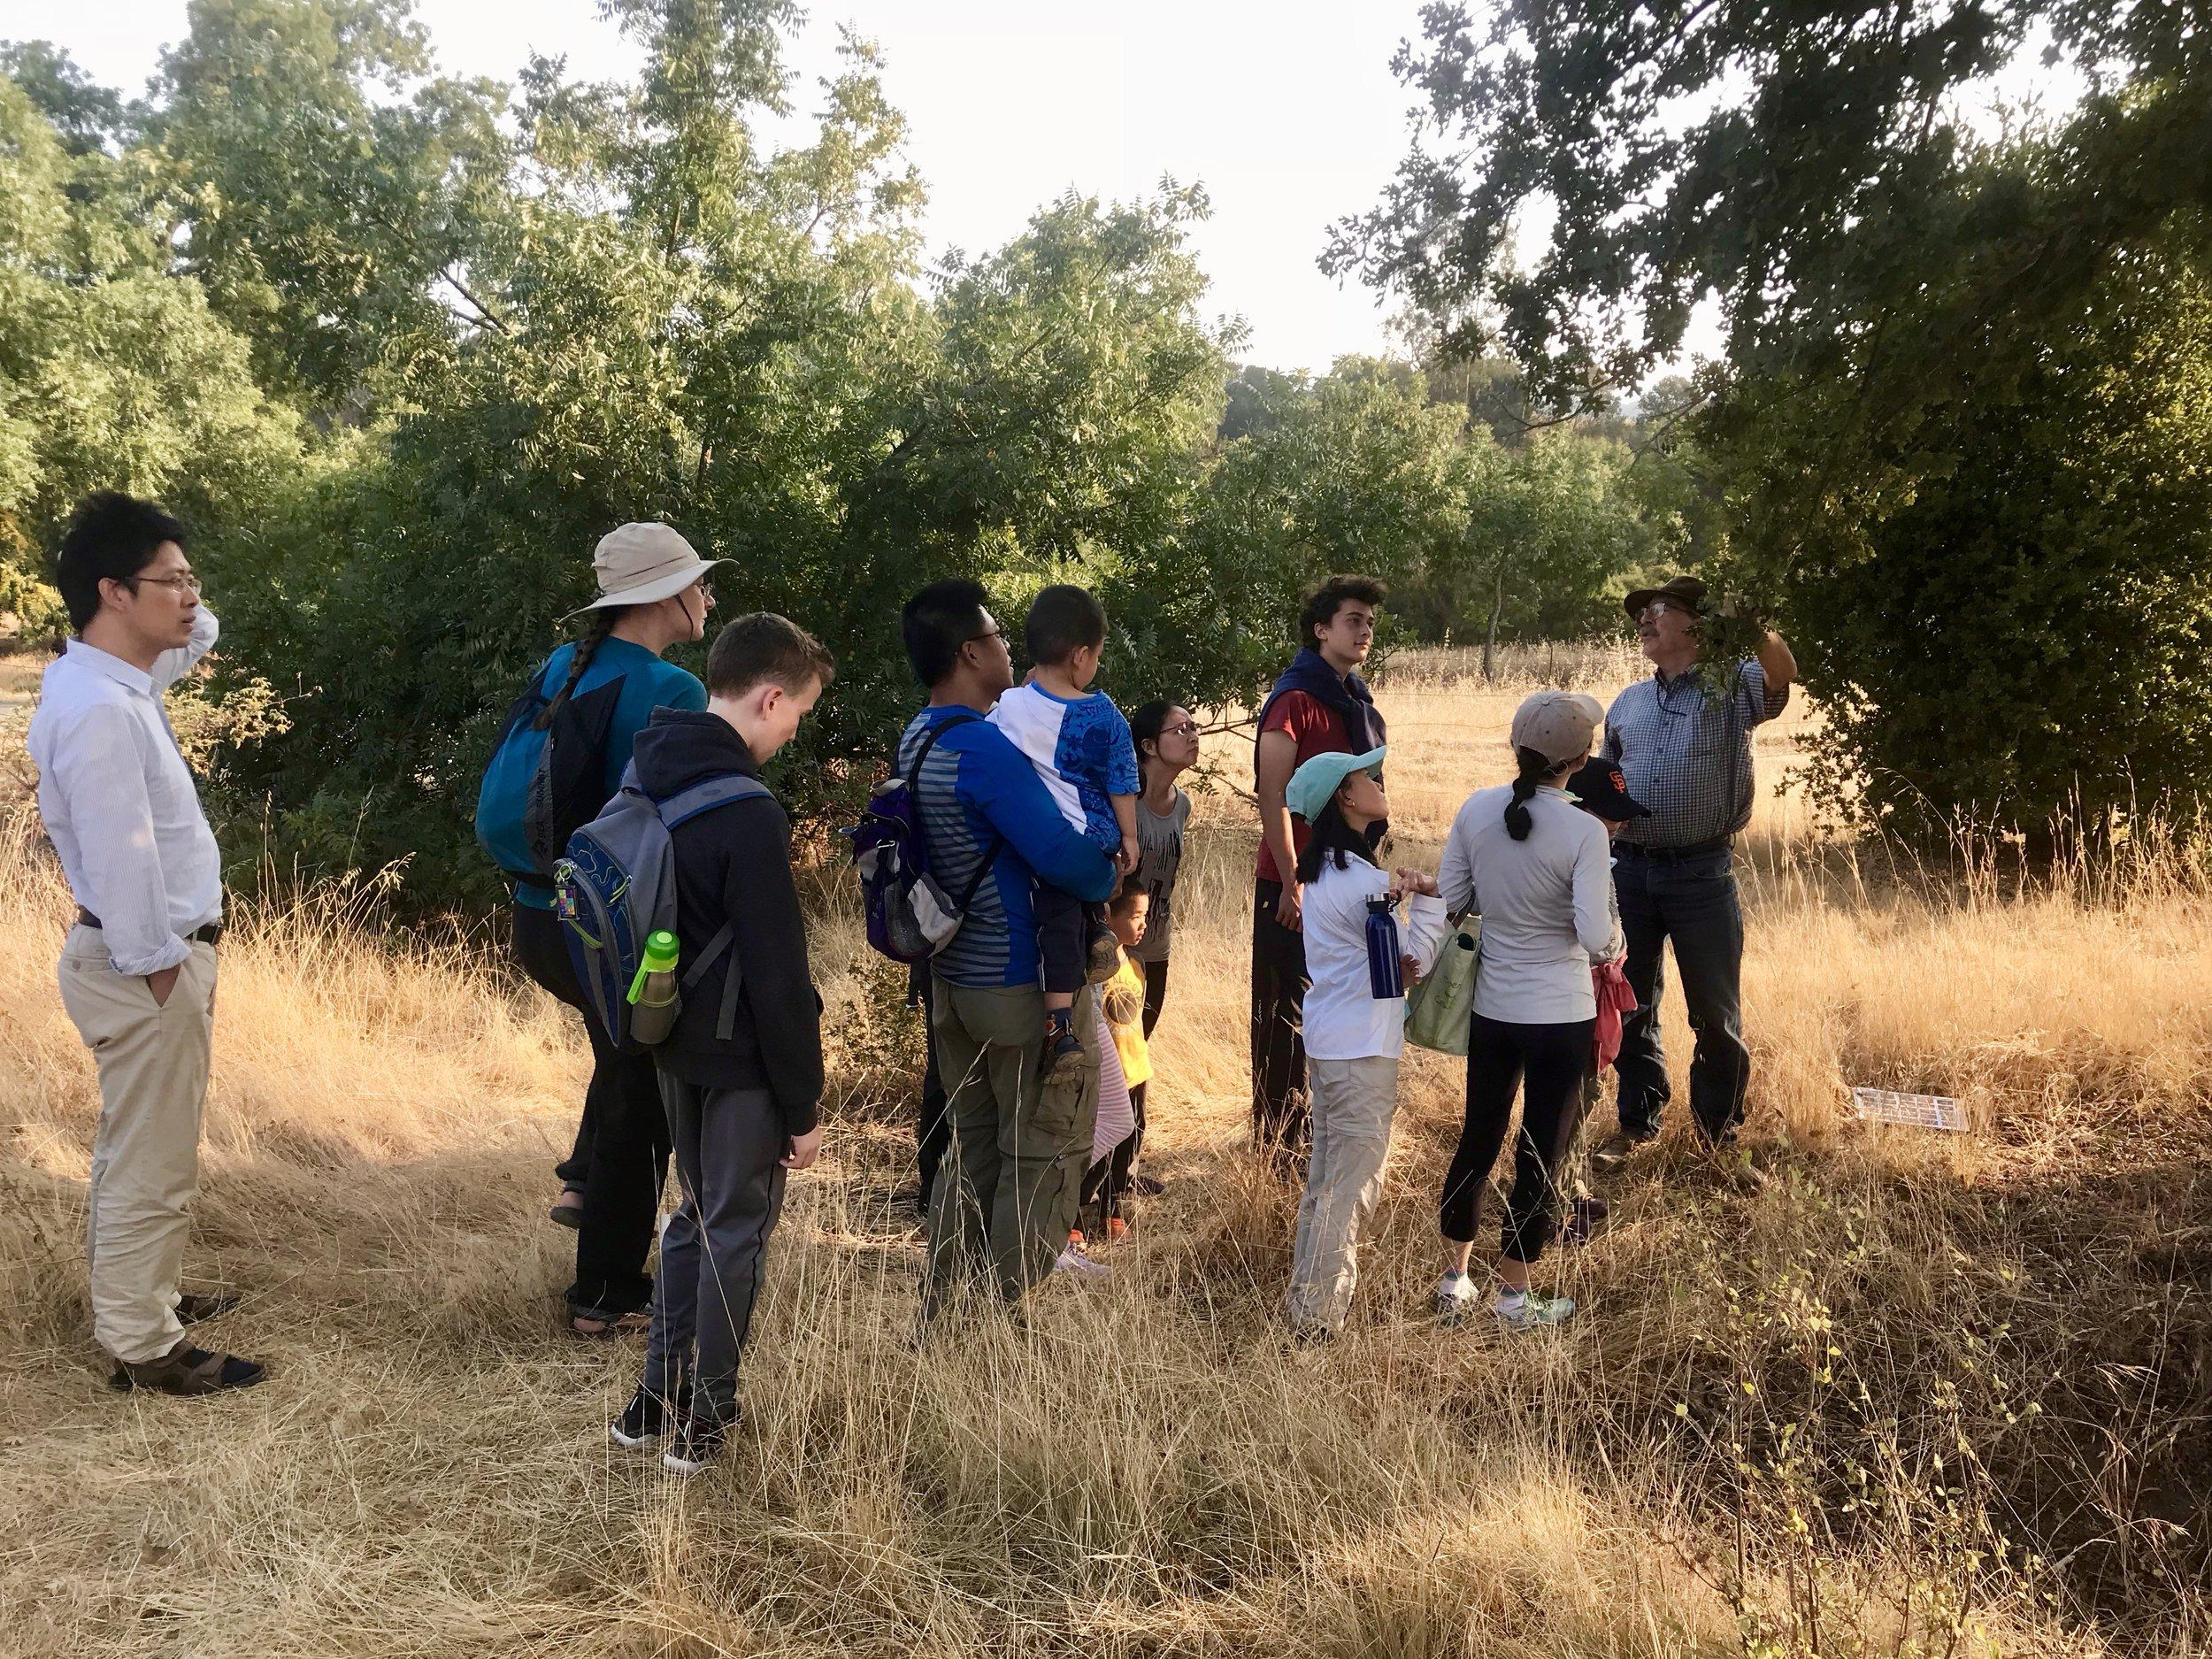 Leading a hike at Pearson-Arastradero Preserve in Palo Alto